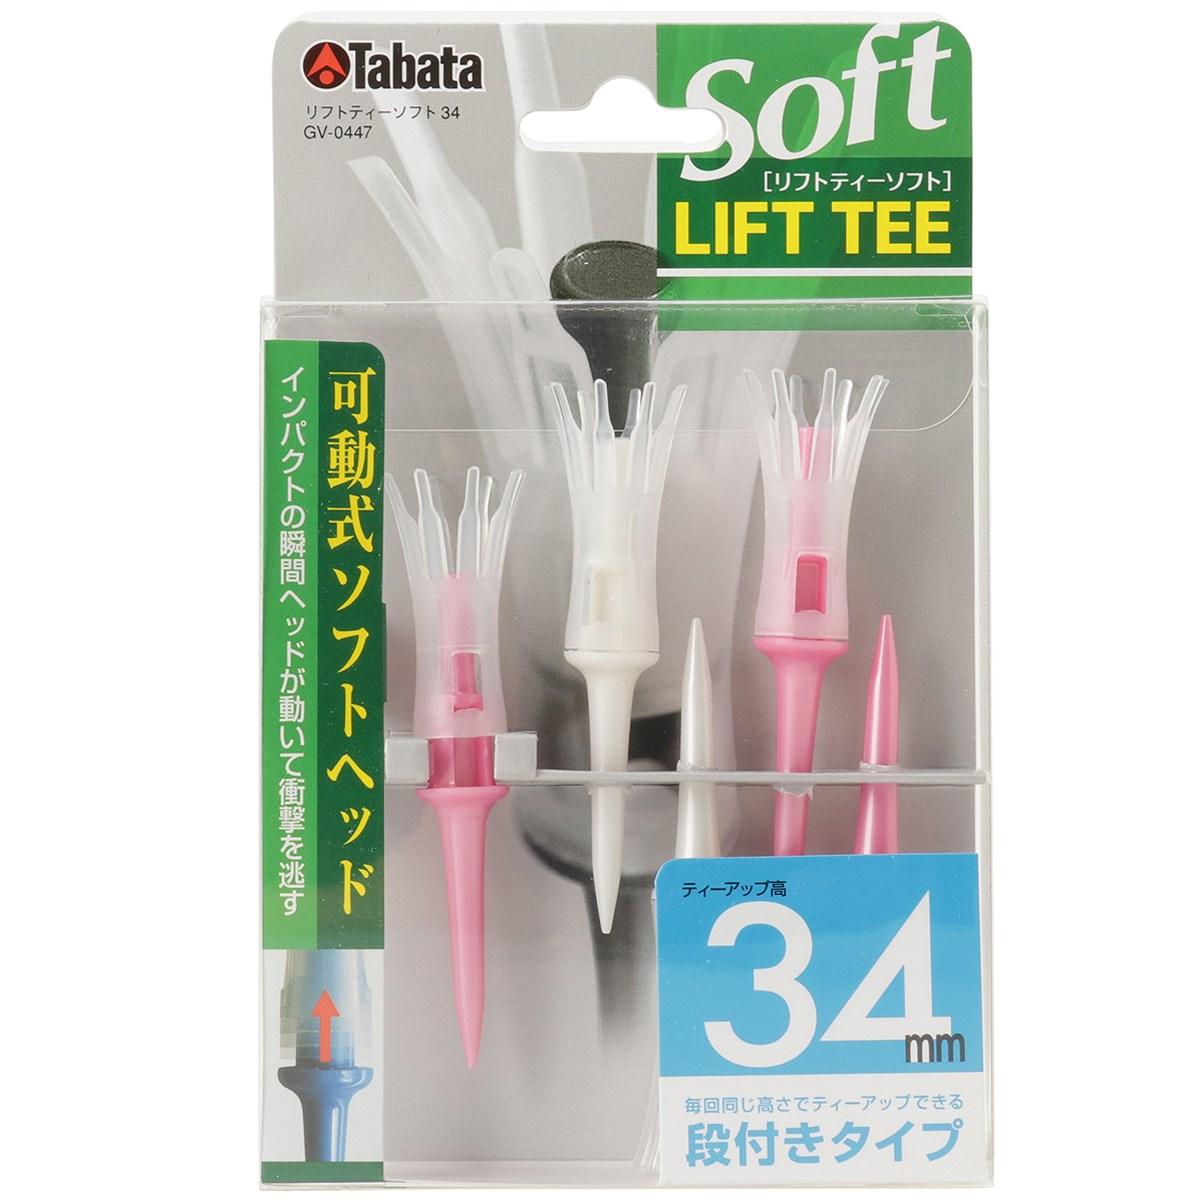 タバタ リフトティーソフト レギュラー GV-0447